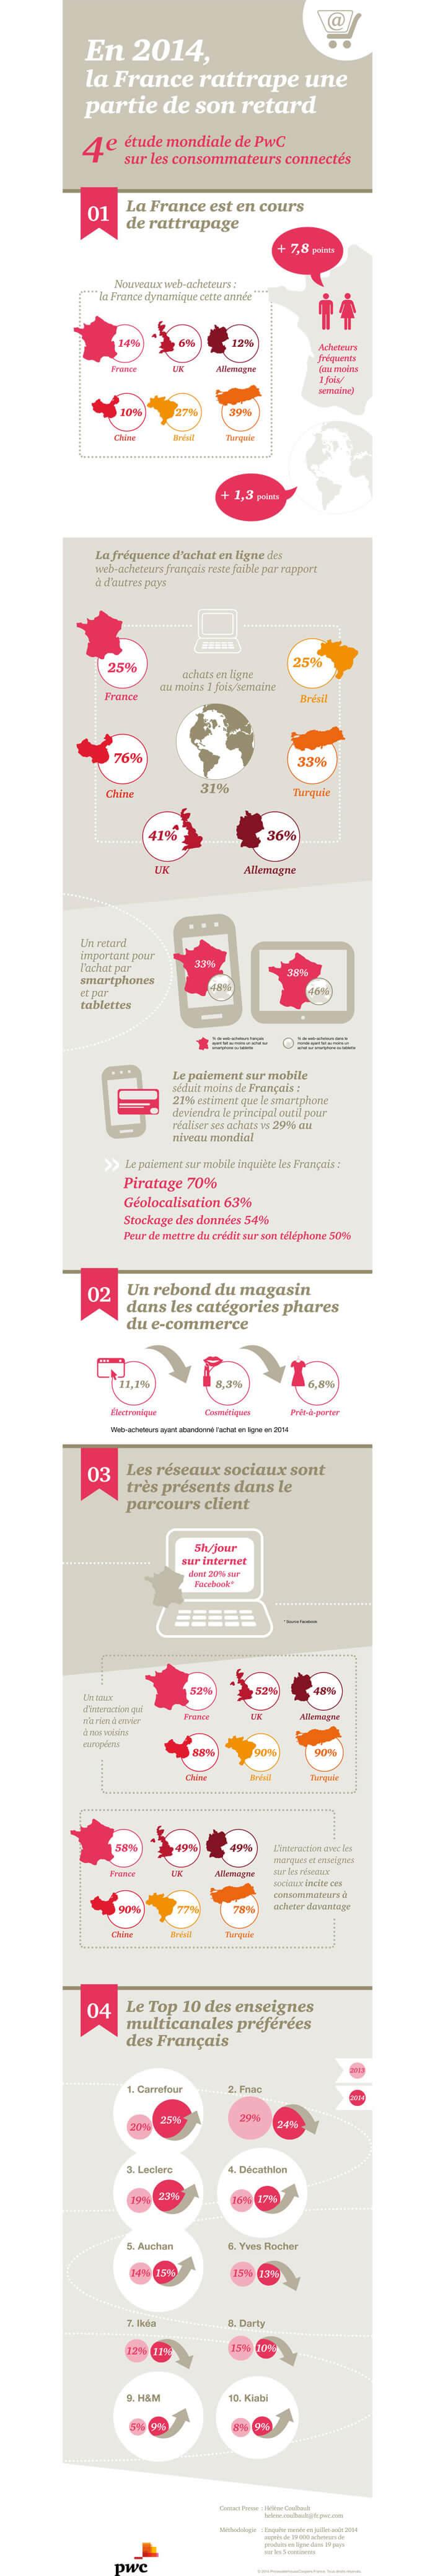 Infographie - Chiffres clés du e-commerce en France en 2014